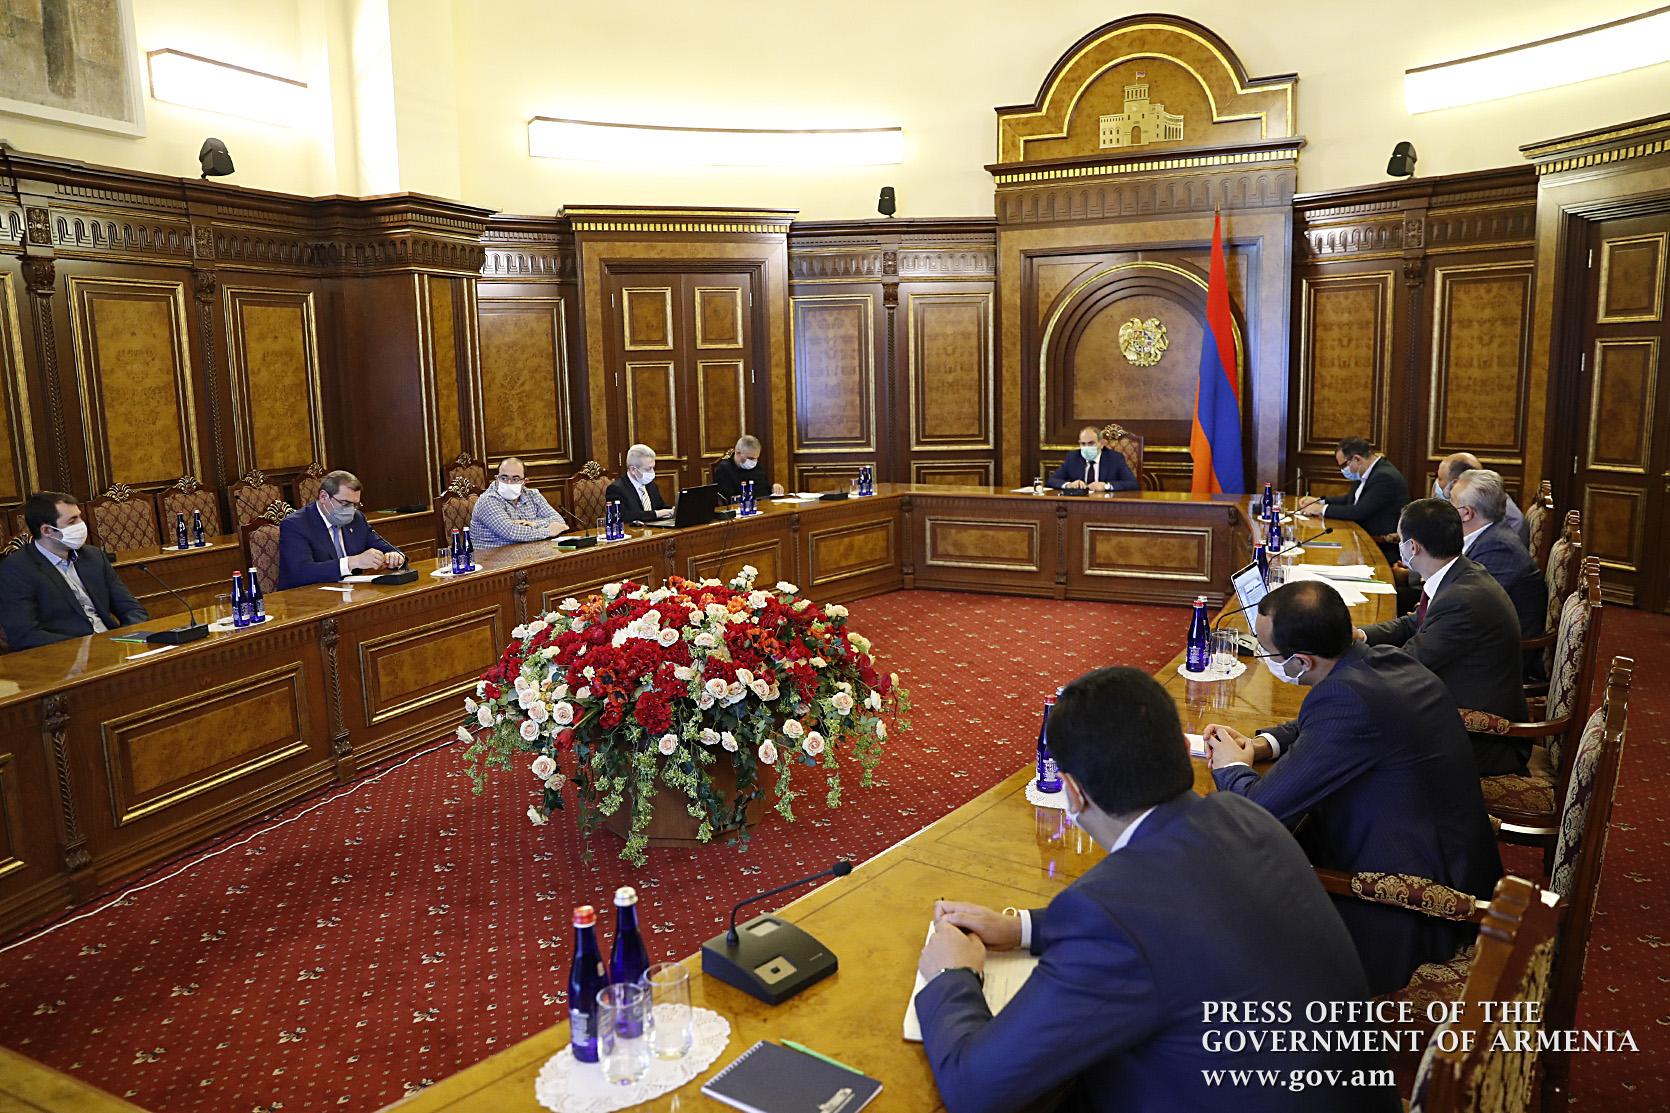 Photo of Ունենք քաղաքական կամք՝ ֆիզիկական անձանց եկամուտների համատարած հայտարարագրում ներդնելու համար. վարչապետ